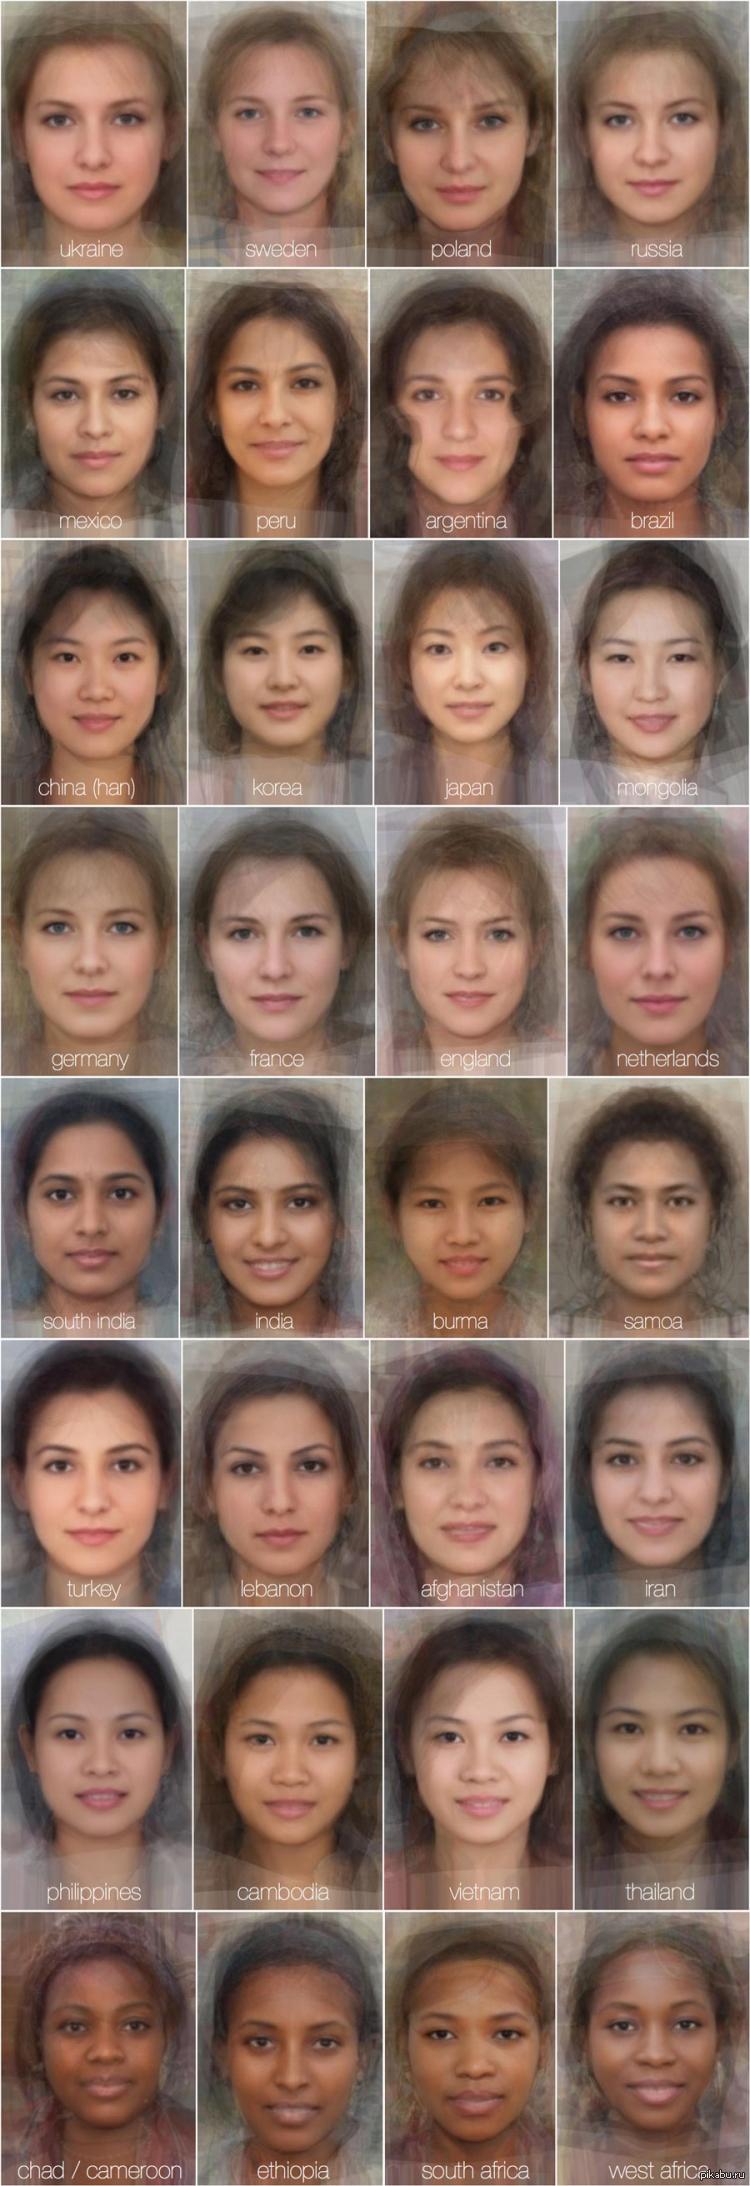 Девушки разных видов фотоъ фото